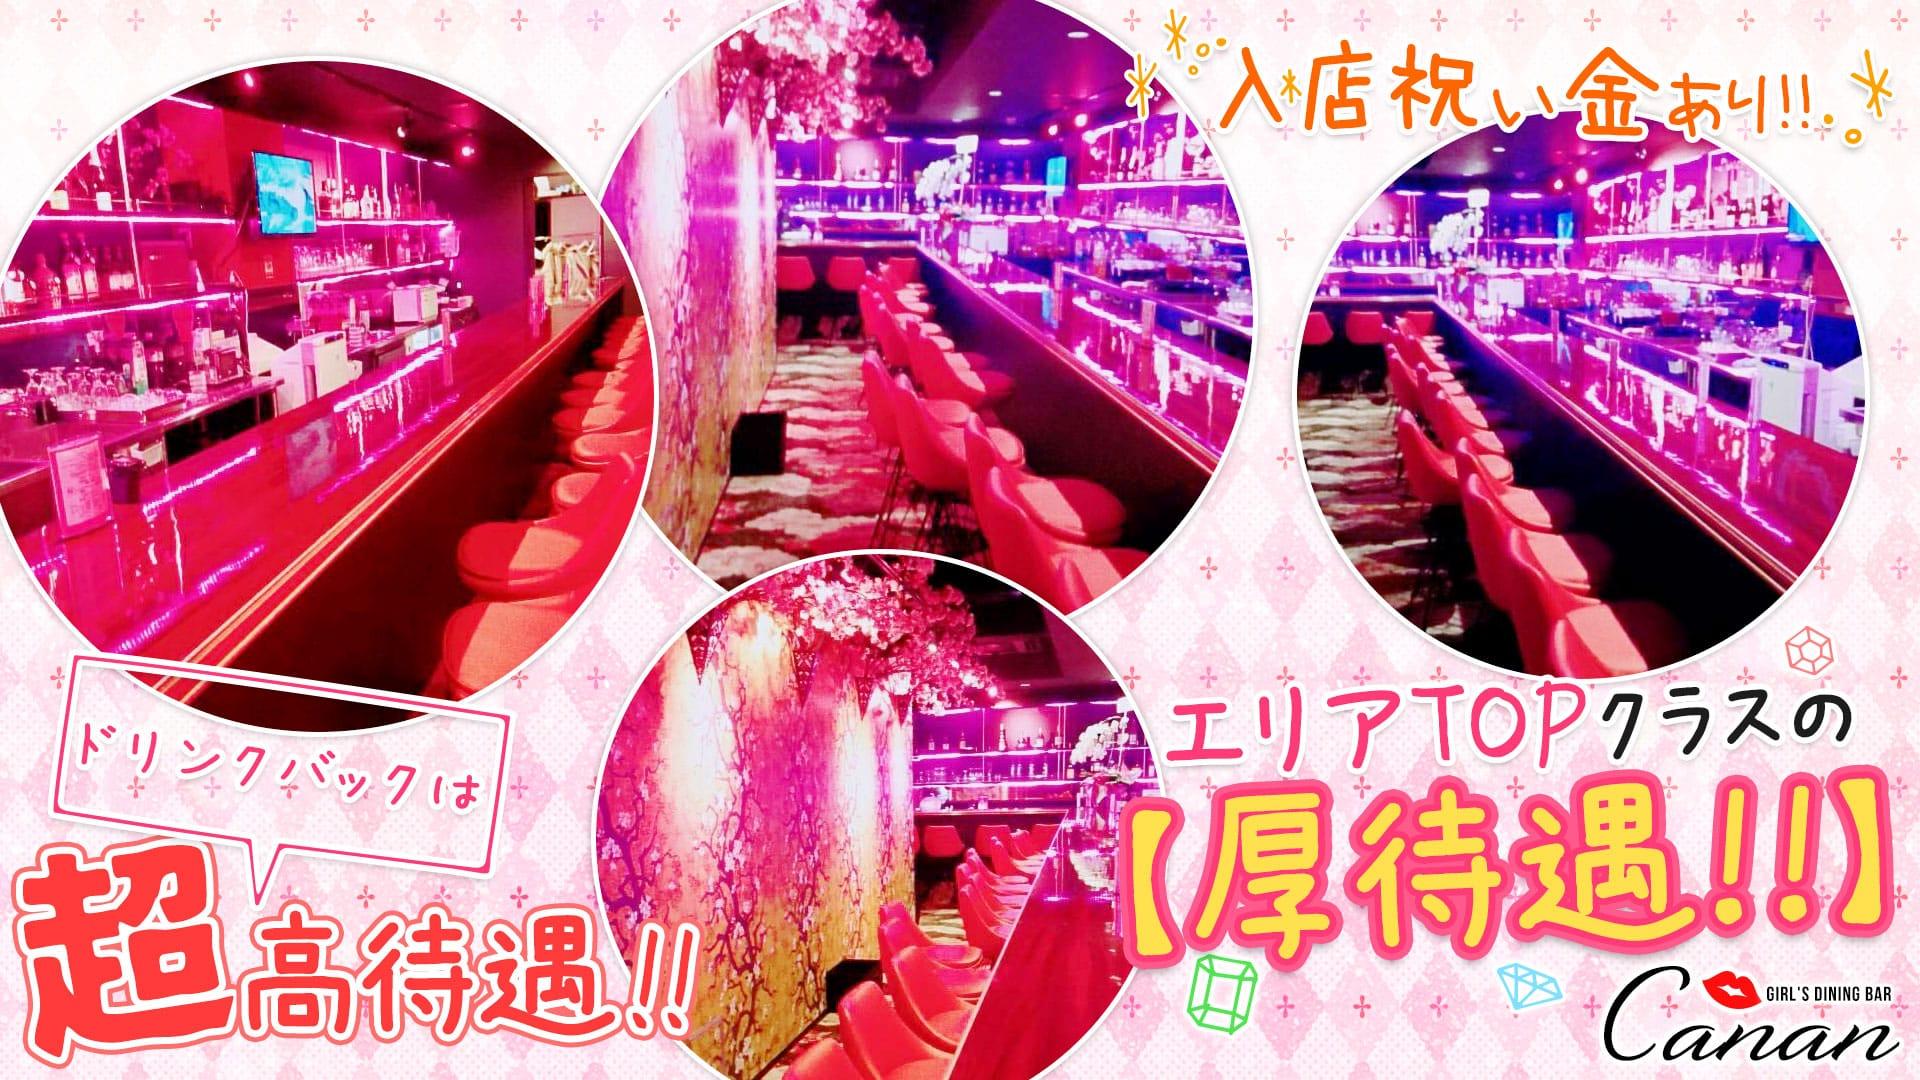 浜松町Canan<カナン> 浜松町 ガールズバー TOP画像